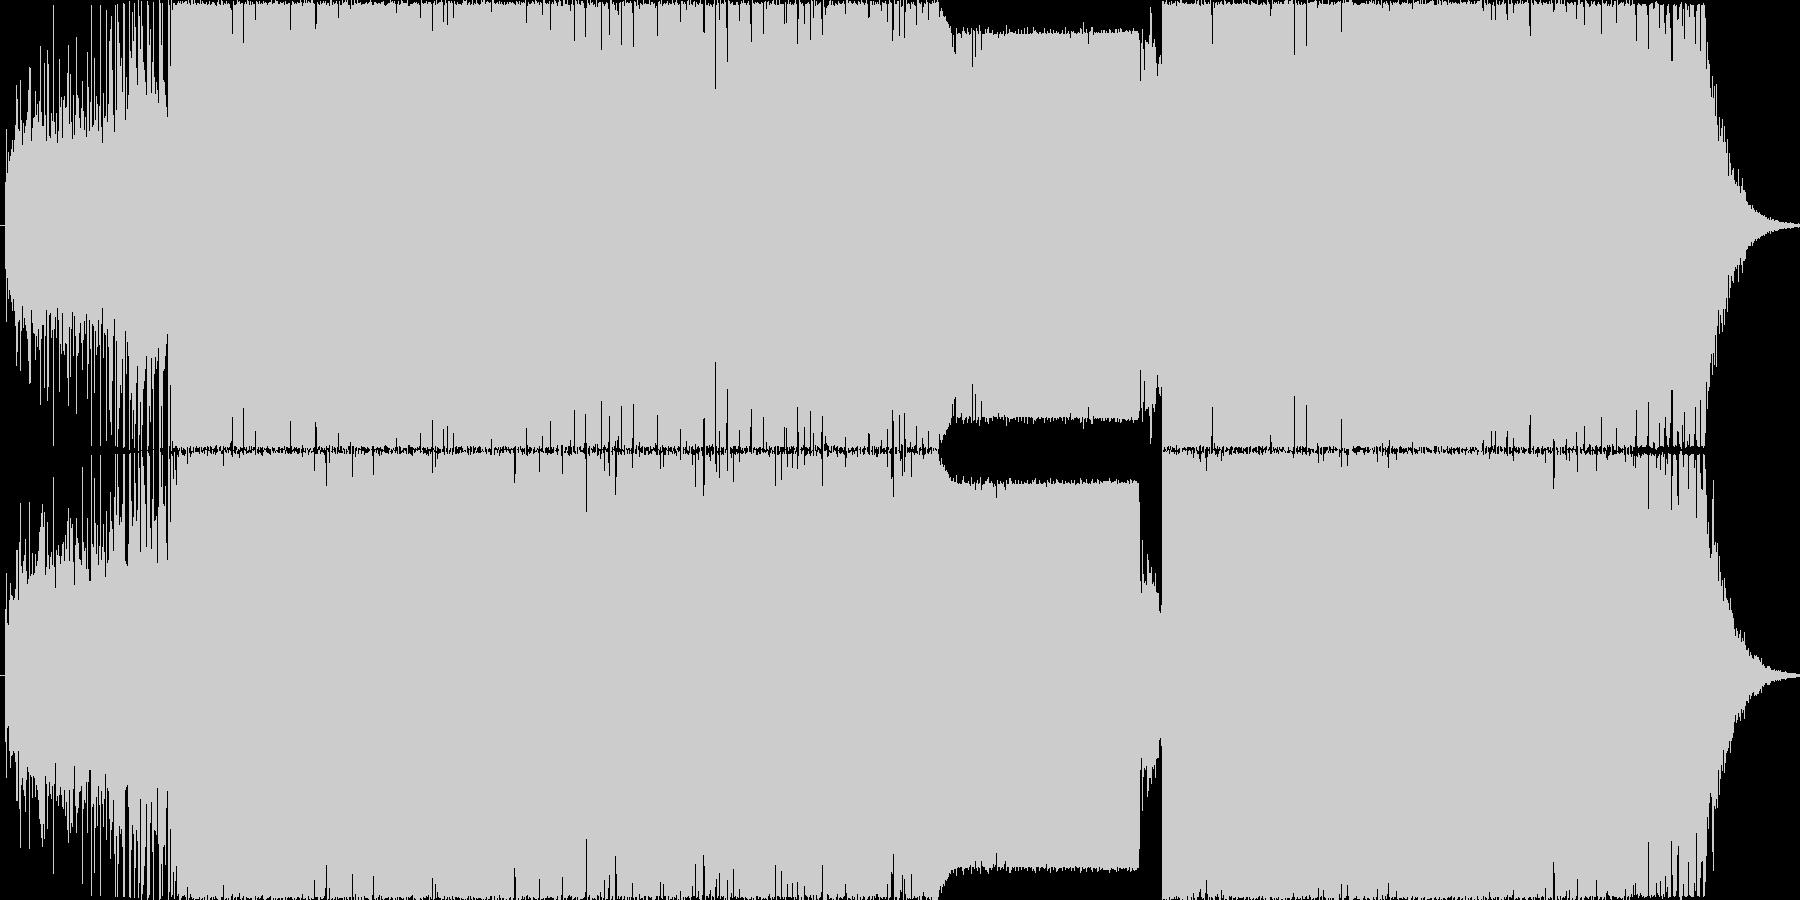 カッコイイ打ち込み疾走BGMの未再生の波形